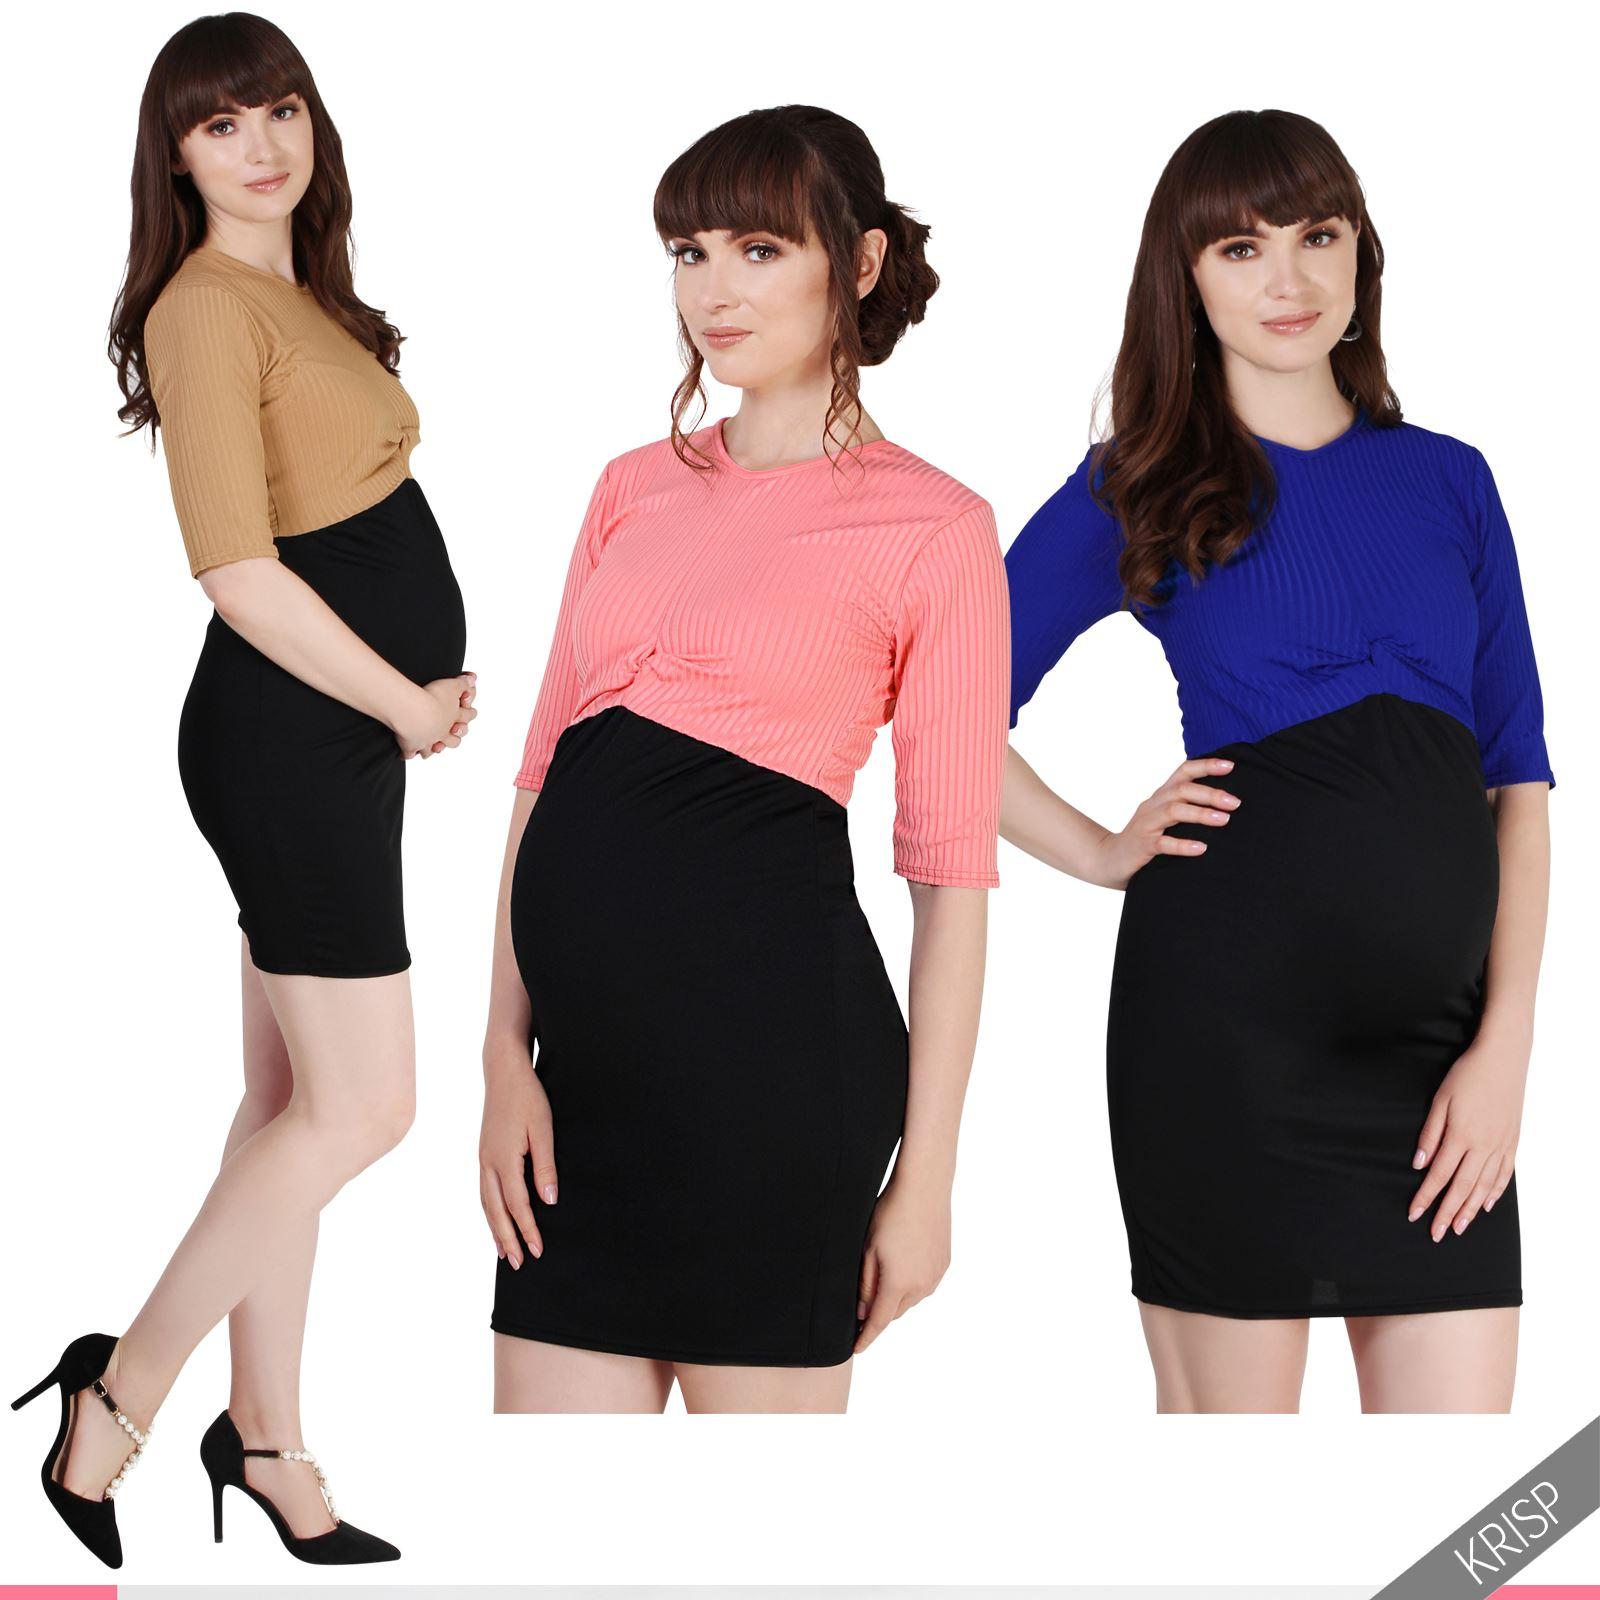 umstandsmode stretch minikleid hohe taille umstandskleid 2in1 einteiler kleid ebay. Black Bedroom Furniture Sets. Home Design Ideas